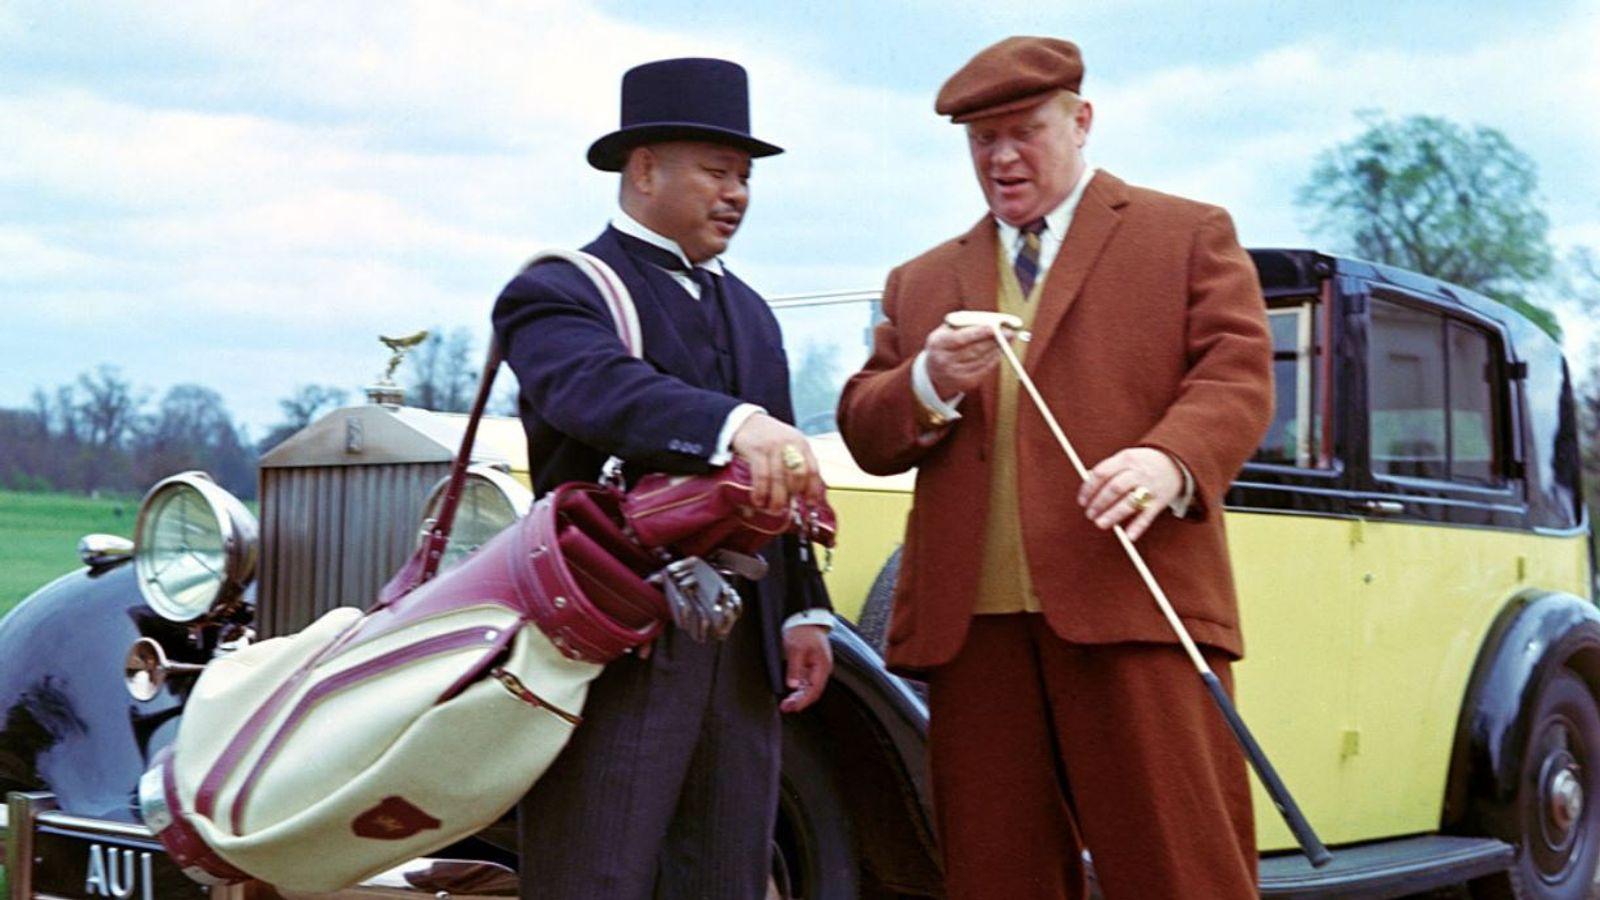 James Bond: Oddjob's lethal steel-rimmed hat from Goldfinger valued at £30,000